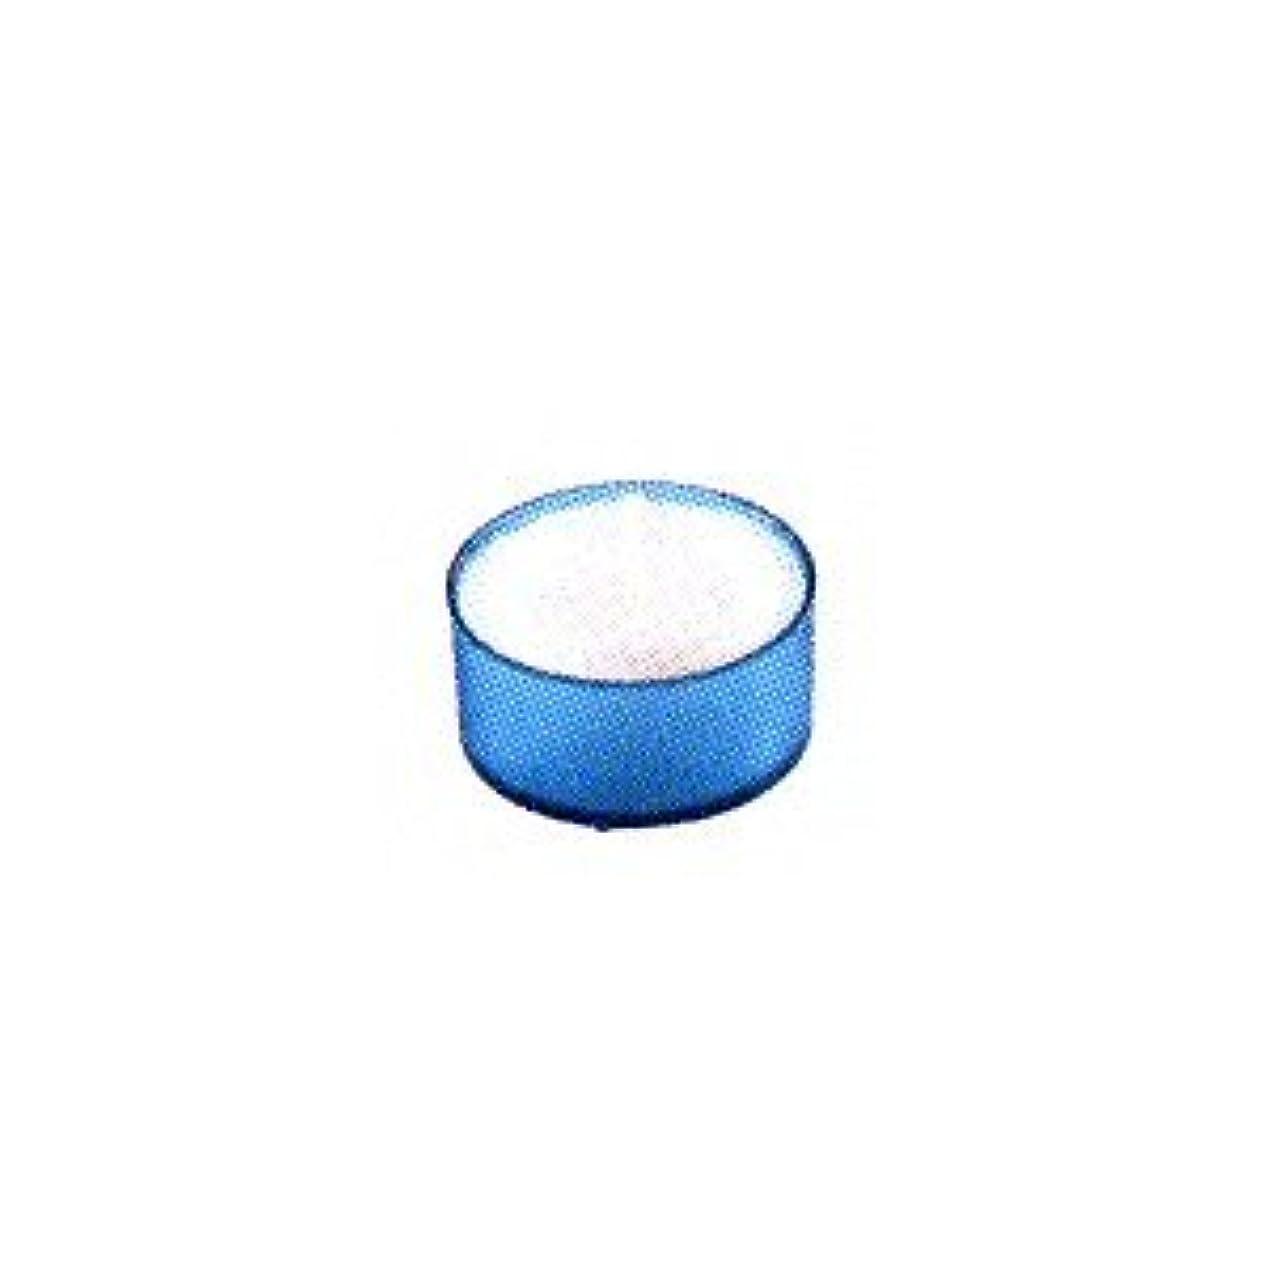 受け入れるクランプ取り替えるカメヤマキャンドル カラークリアカップ ティーライト ブルー 24個入